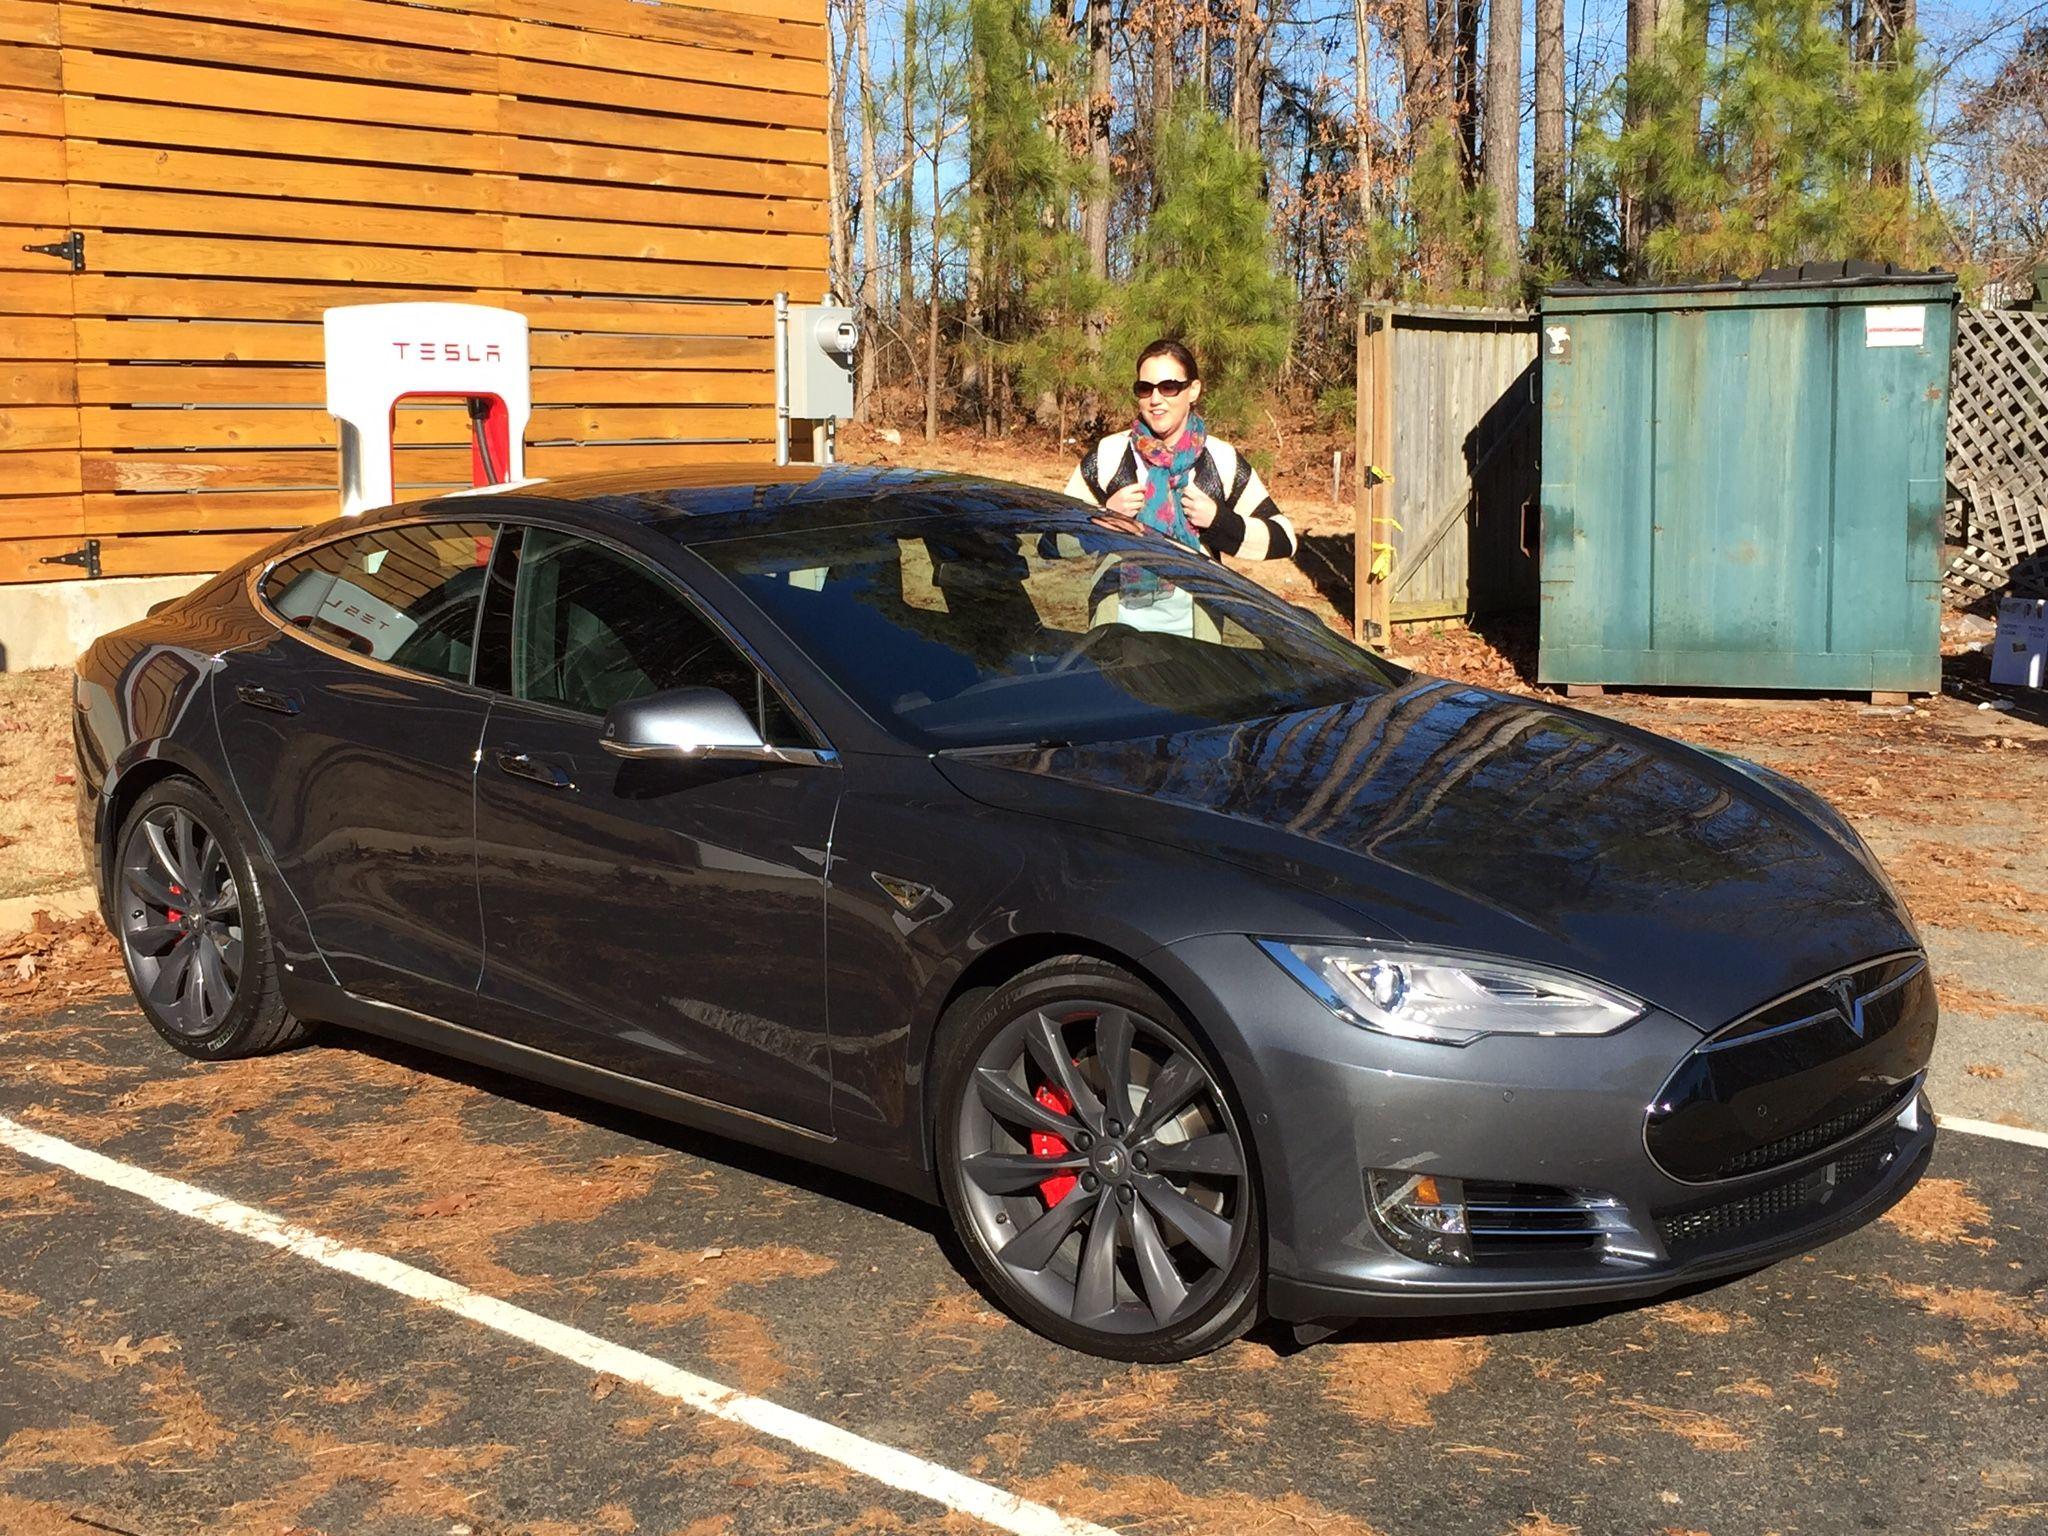 Tesla2-1.jpg